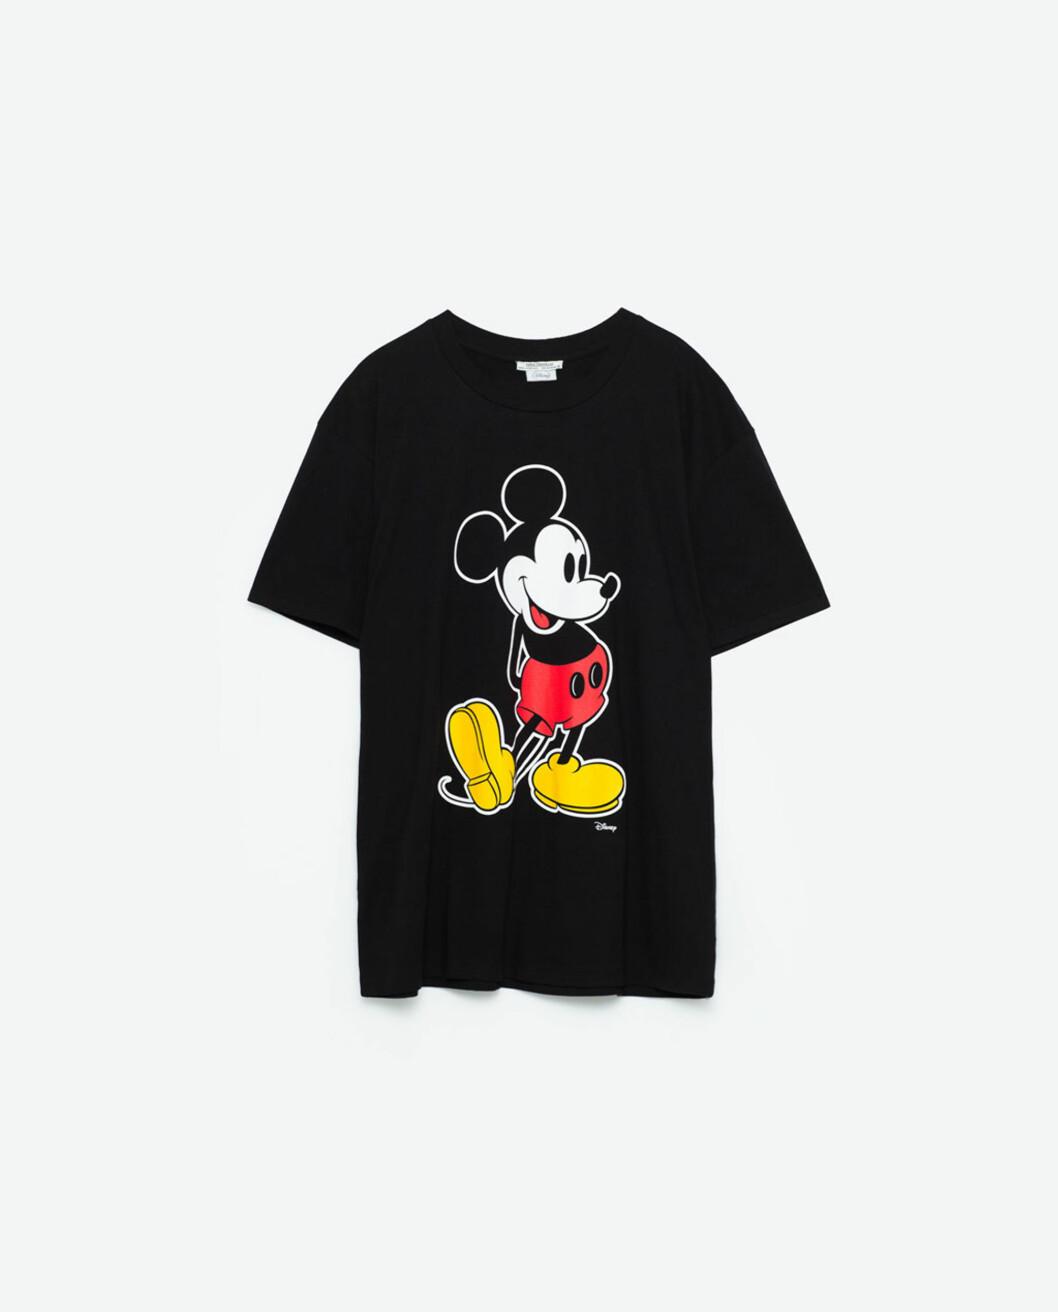 T-skjorte fra Zara | kr 169 | http://www.zara.com/no/no/trf/t-skjorter/t-skjorte-mikke-mus-c269214p3812537.html